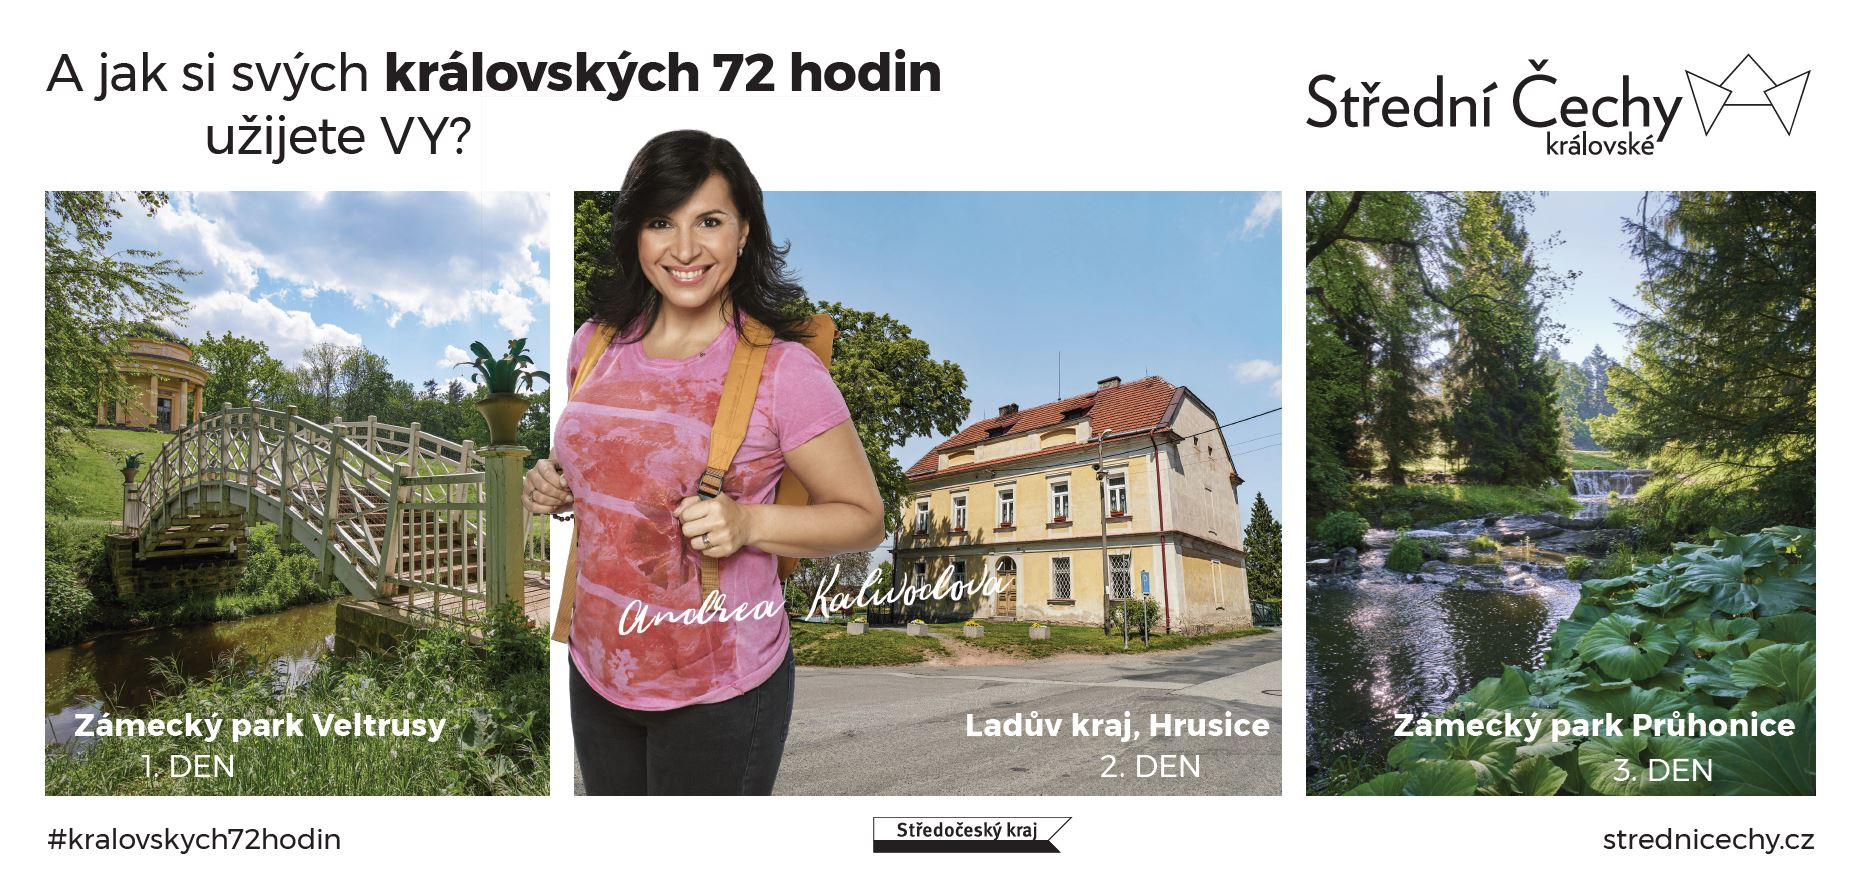 Andrea Kalivodová v kampani Střední Čechy královské